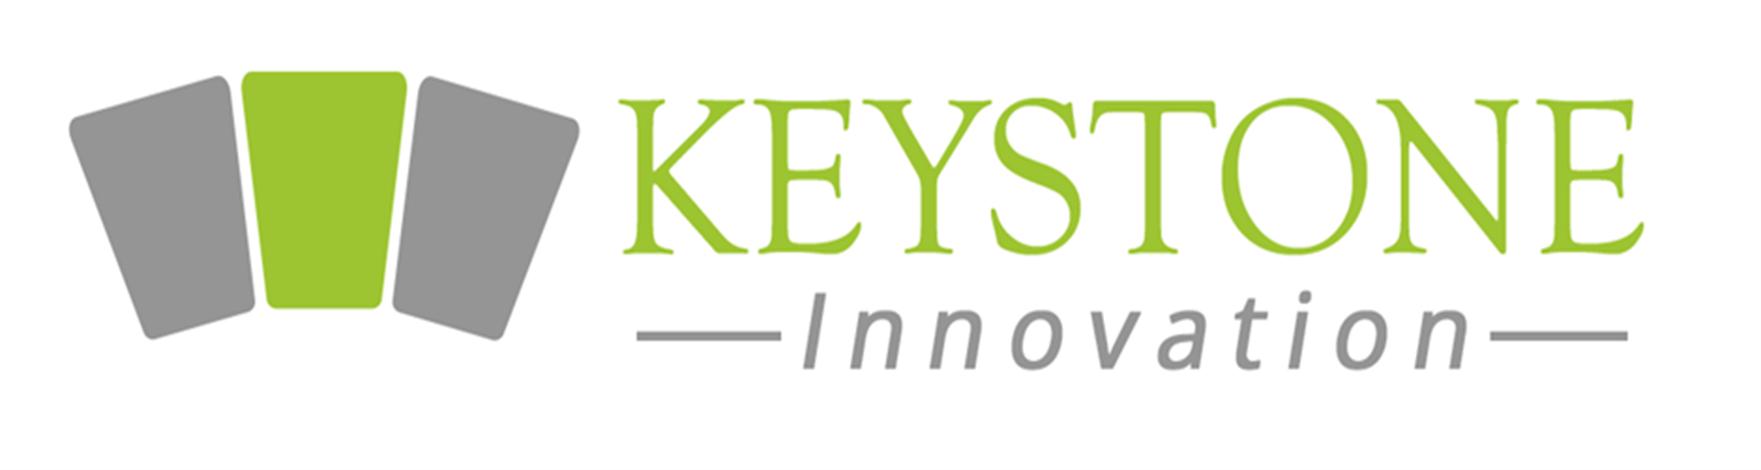 Keystone innovation logo